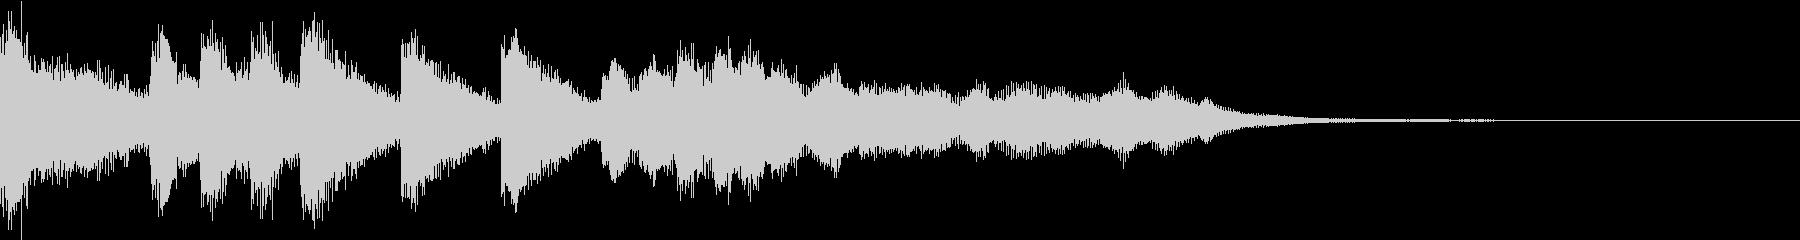 ファンファーレ シンプル ベル 13の未再生の波形